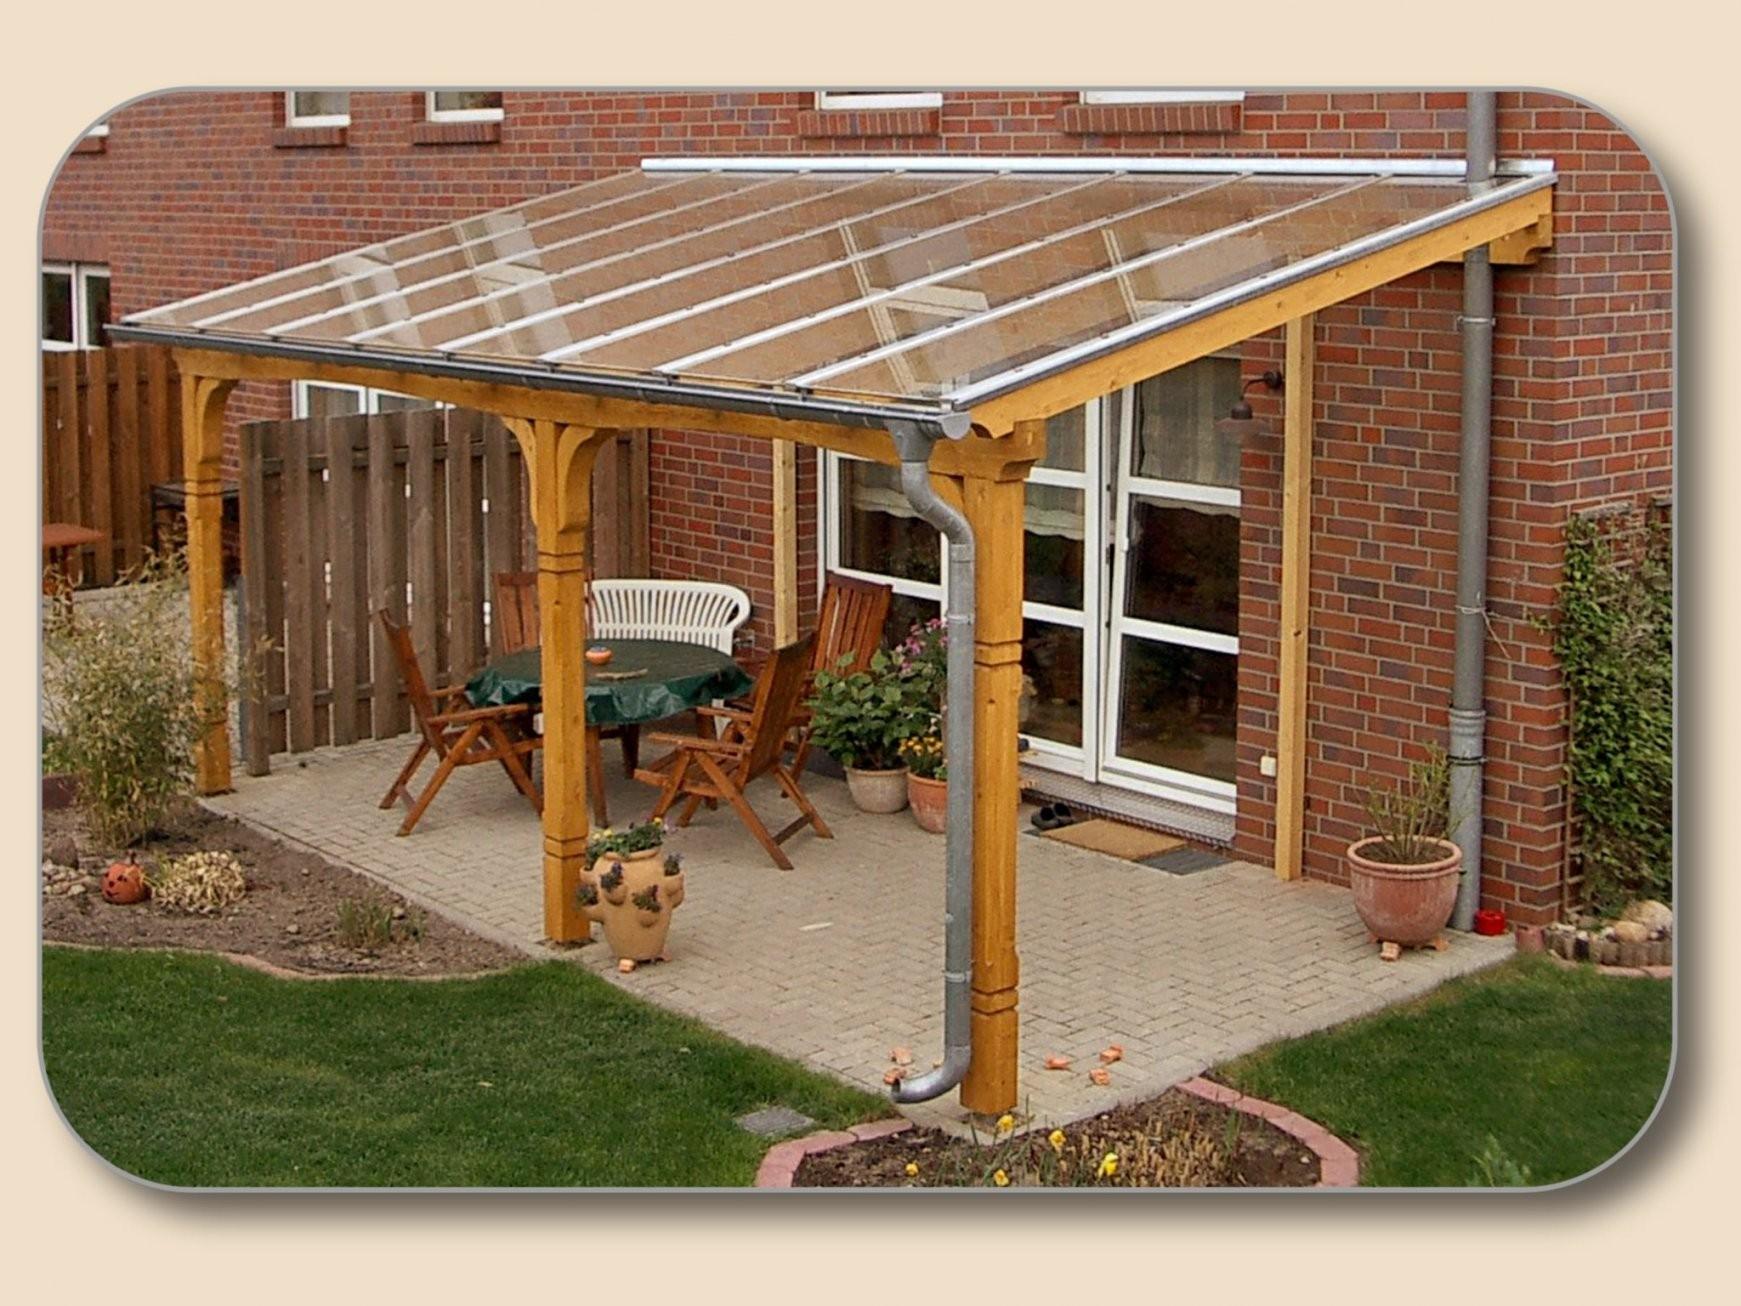 Terrassenüberdachung Günstig Selber Bauen  Haus Ideen von Terrassenüberdachung Günstig Selber Bauen Bild